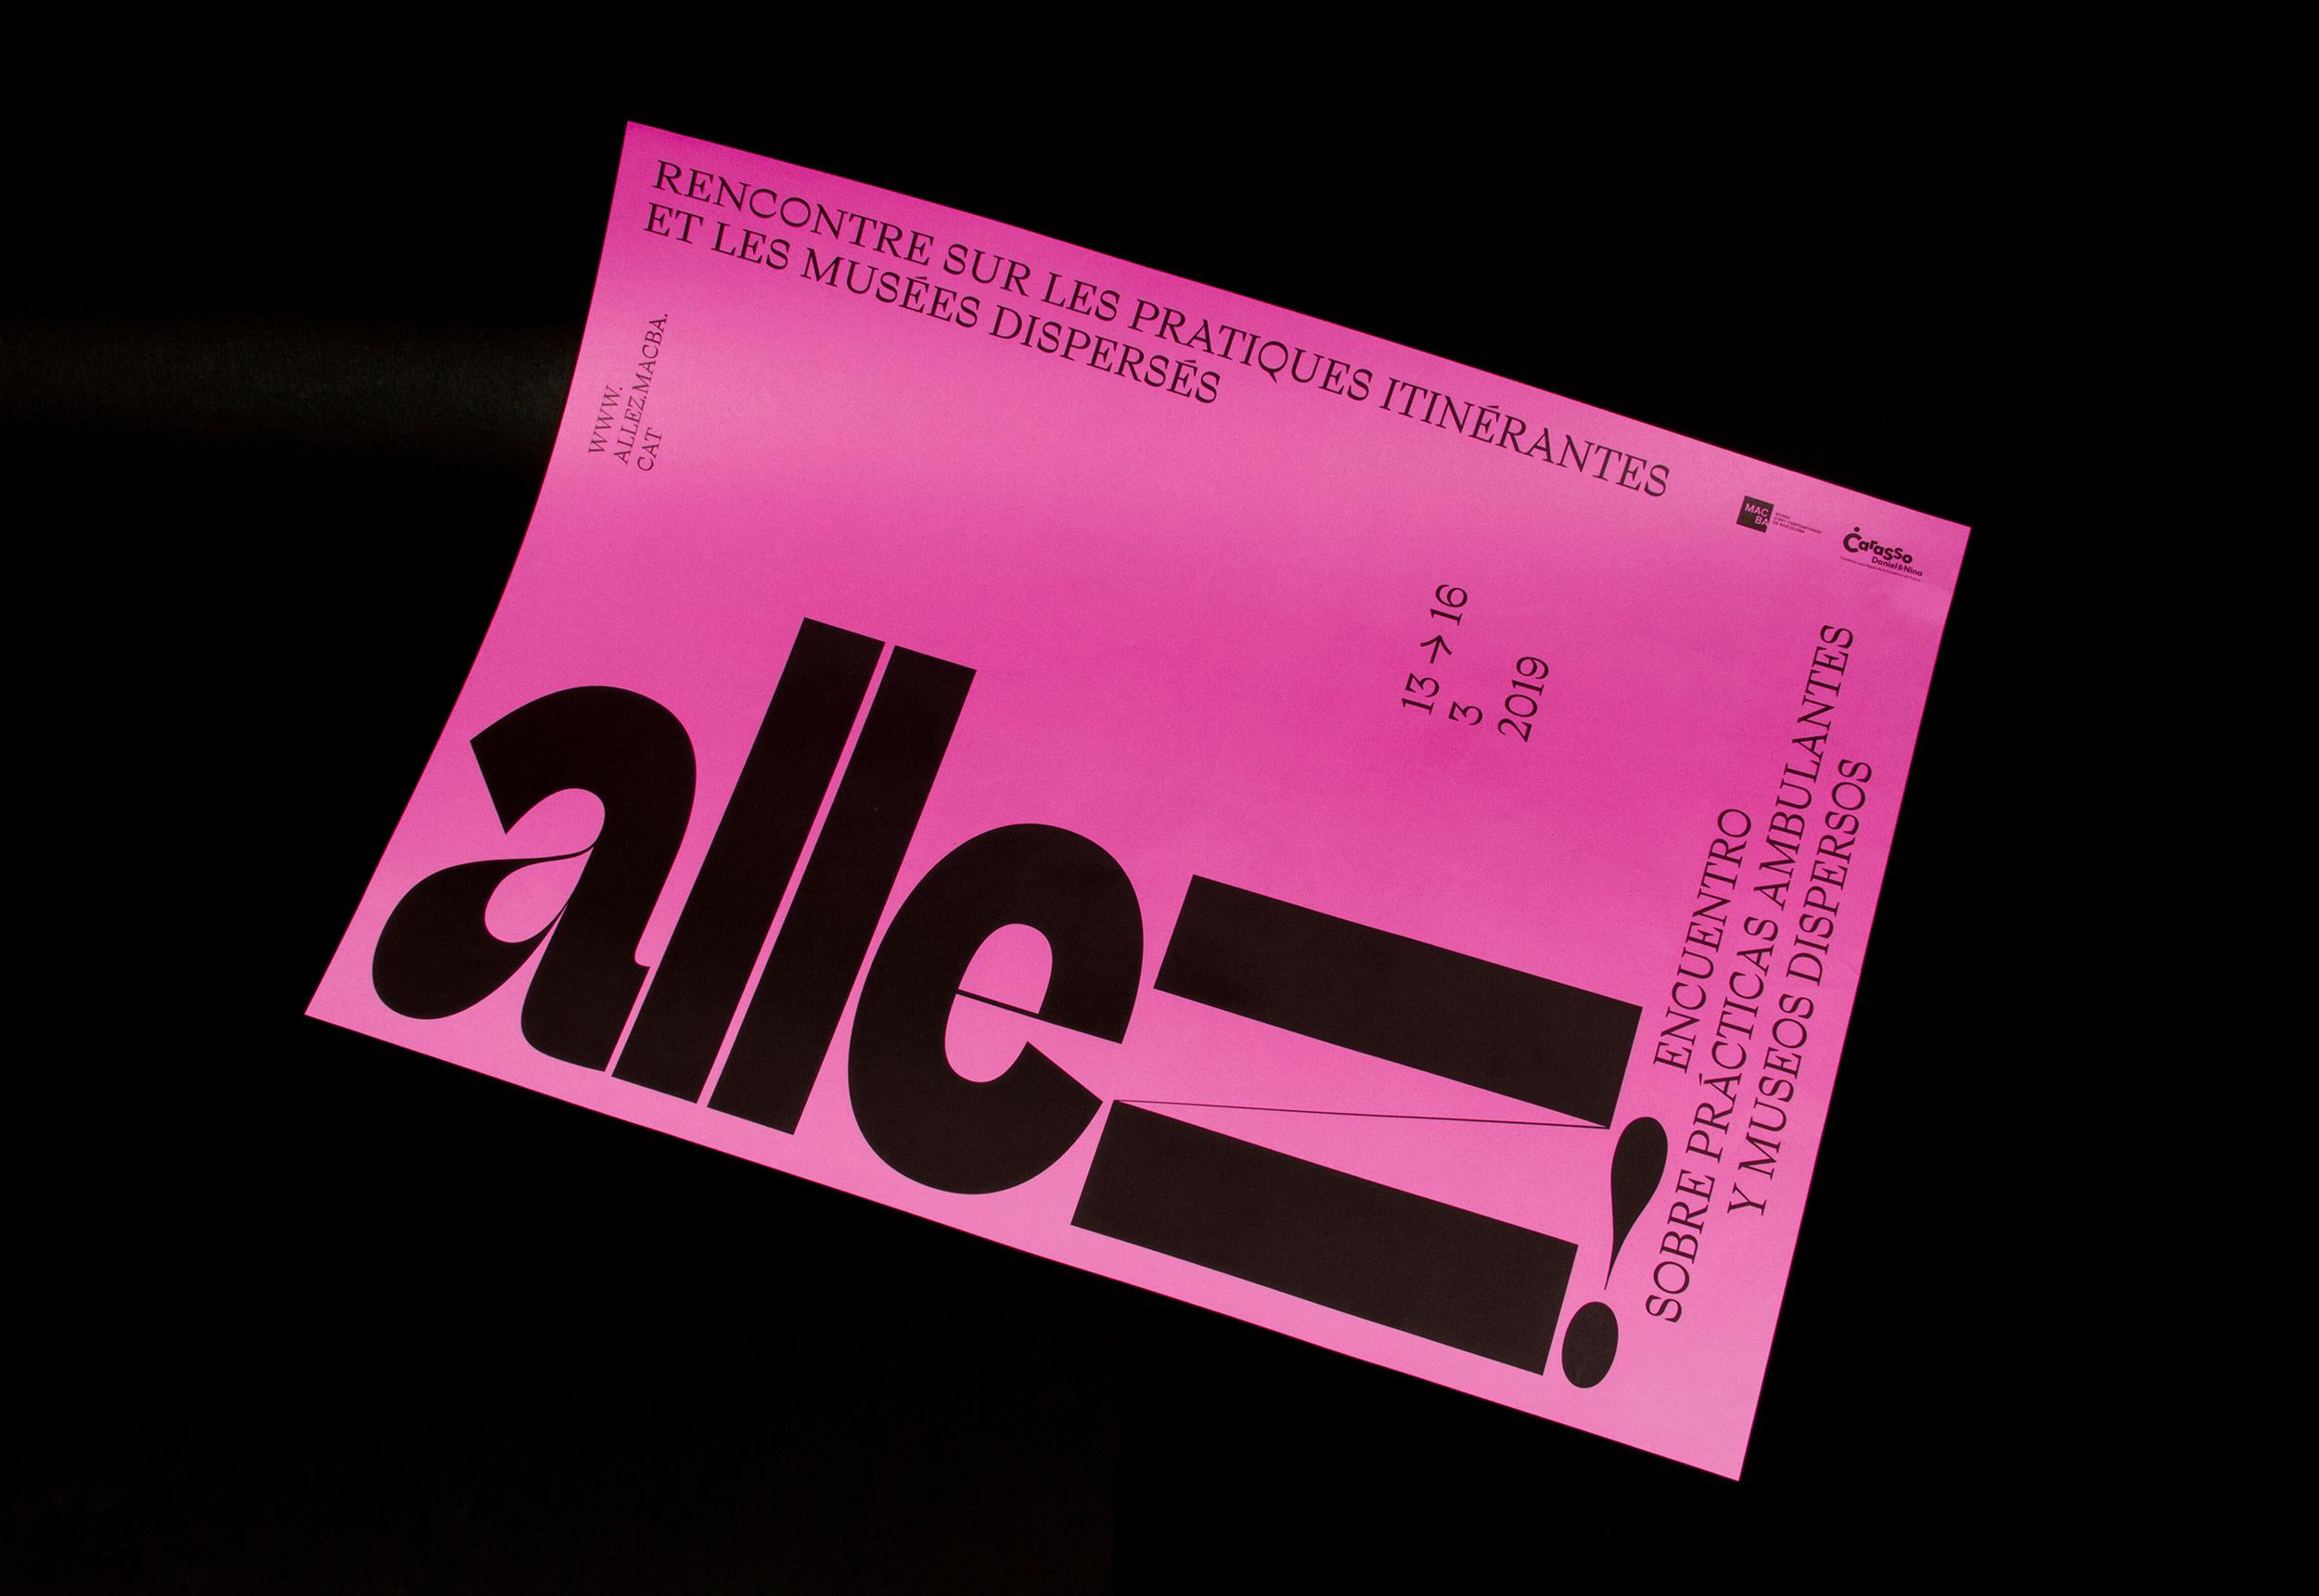 Allez-59